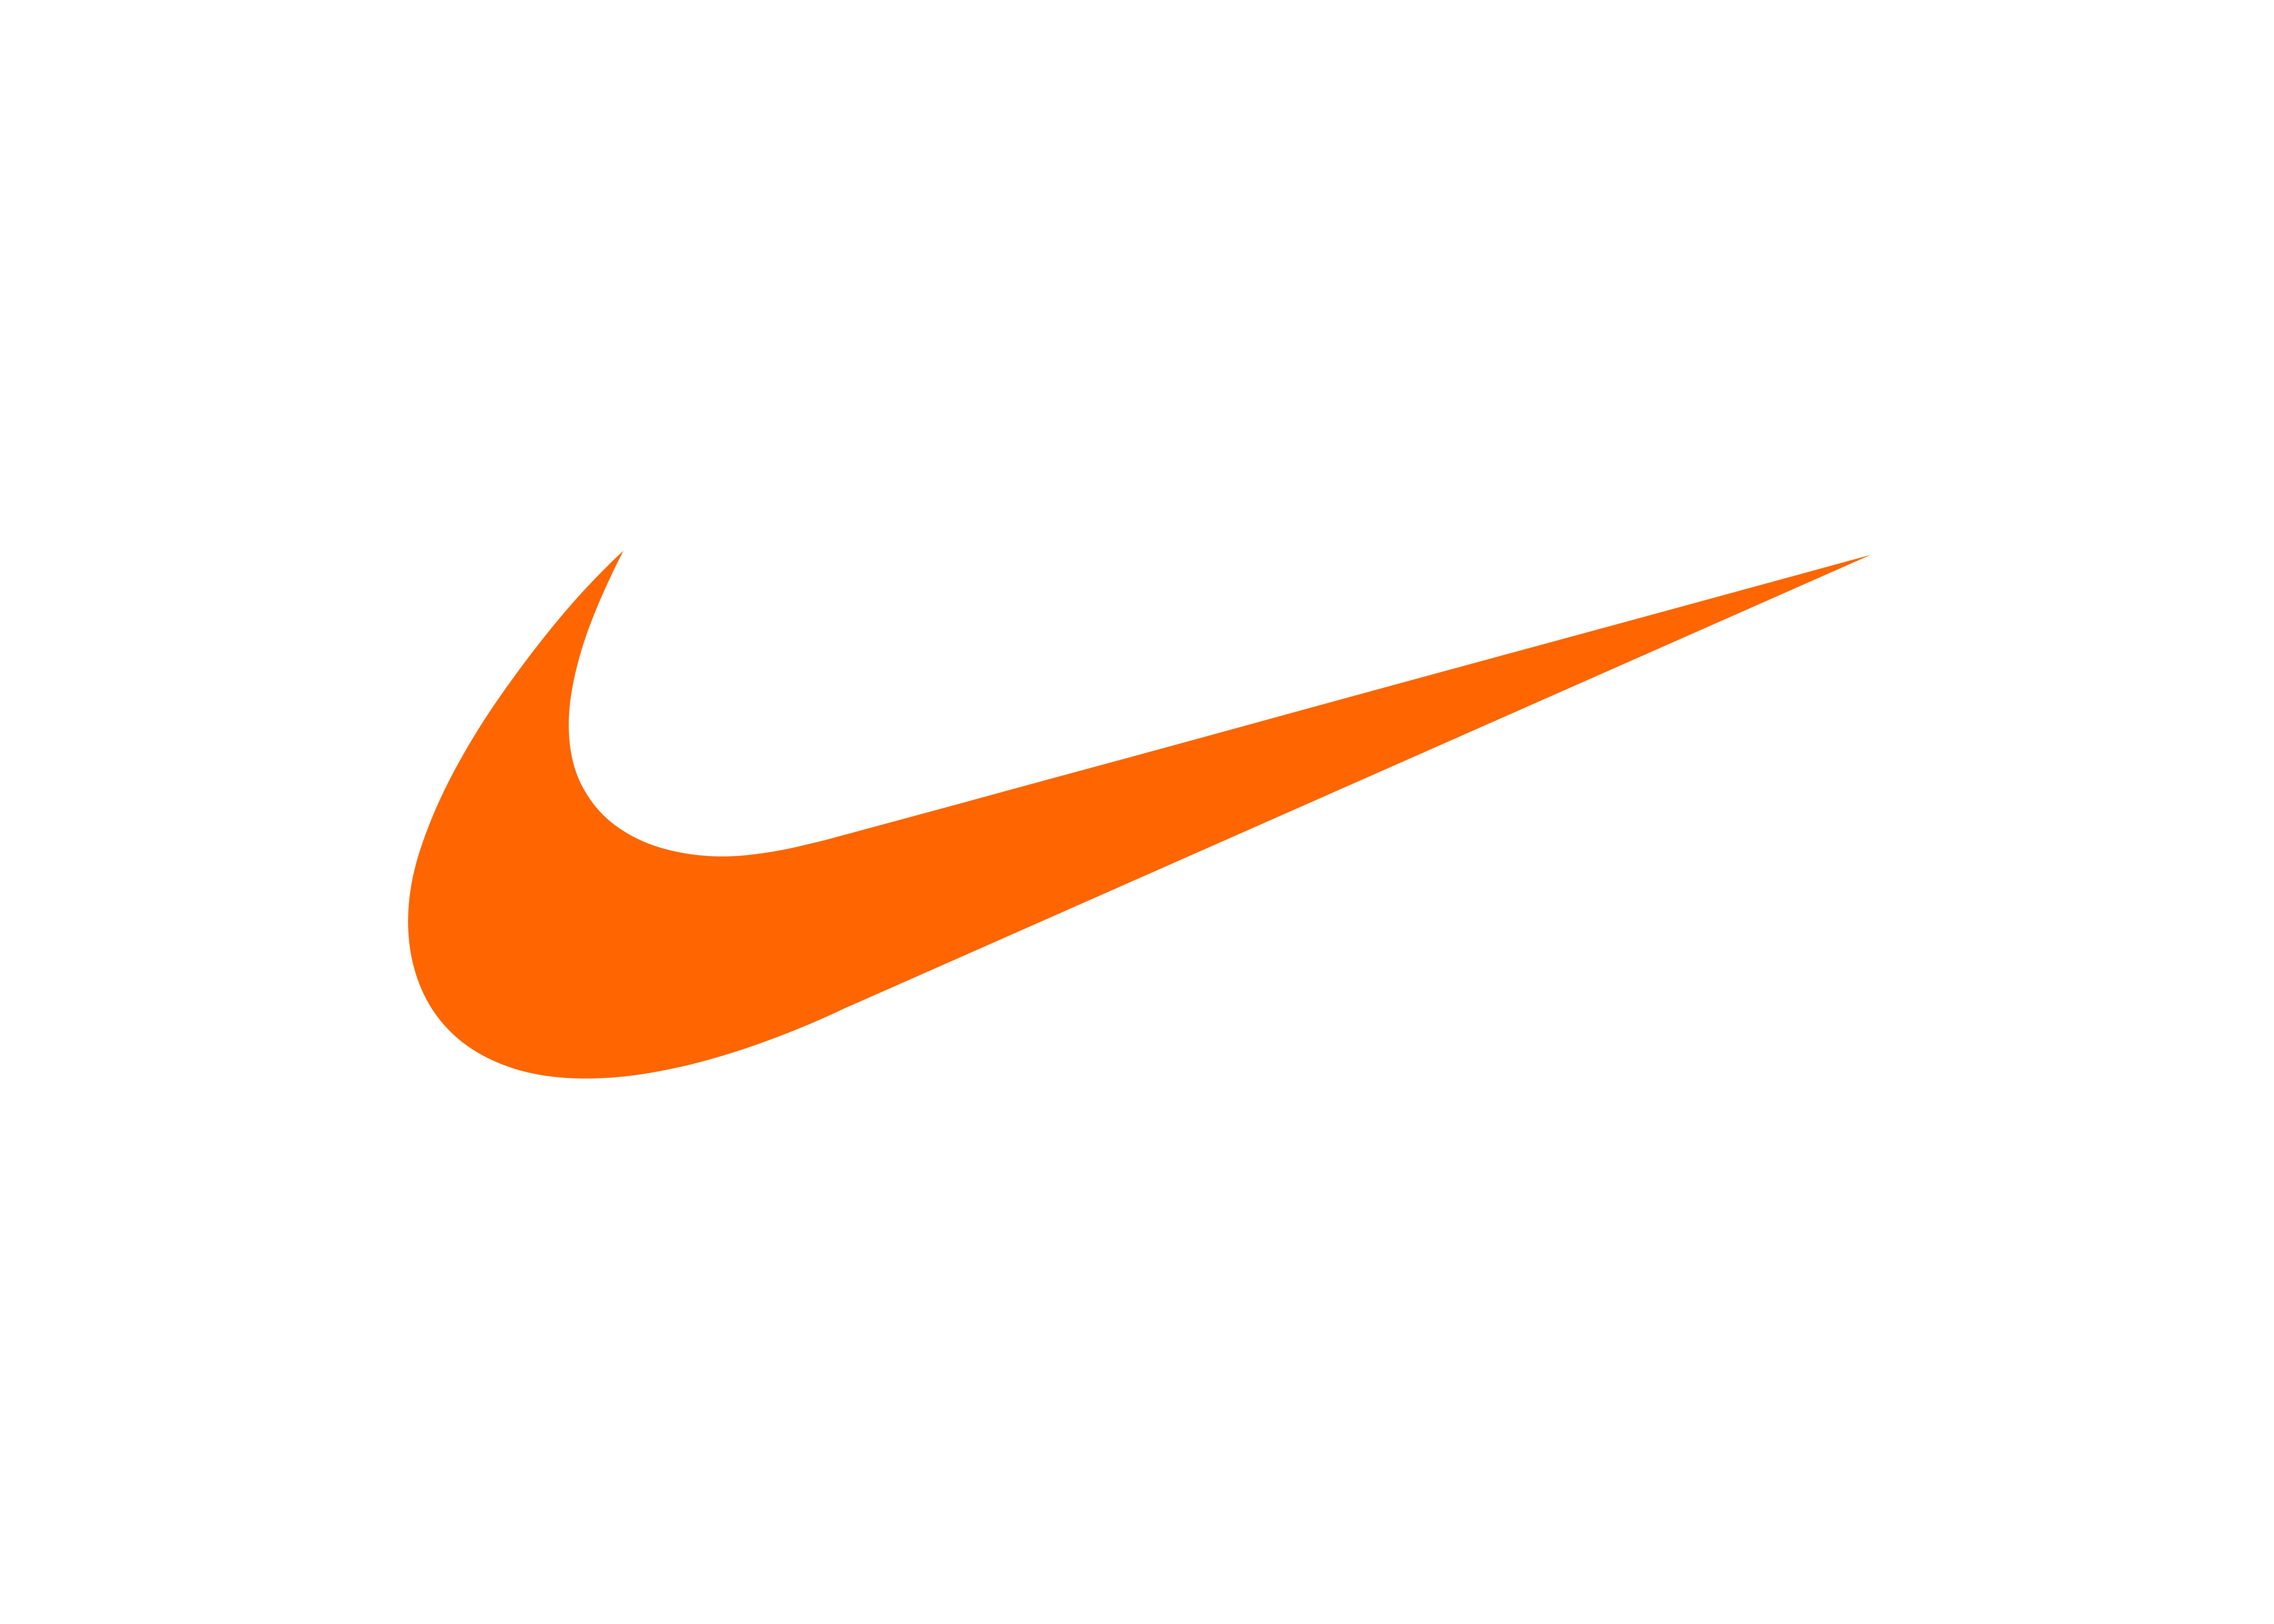 7216x5154 535x300px 5.47 Kb Nike Logo